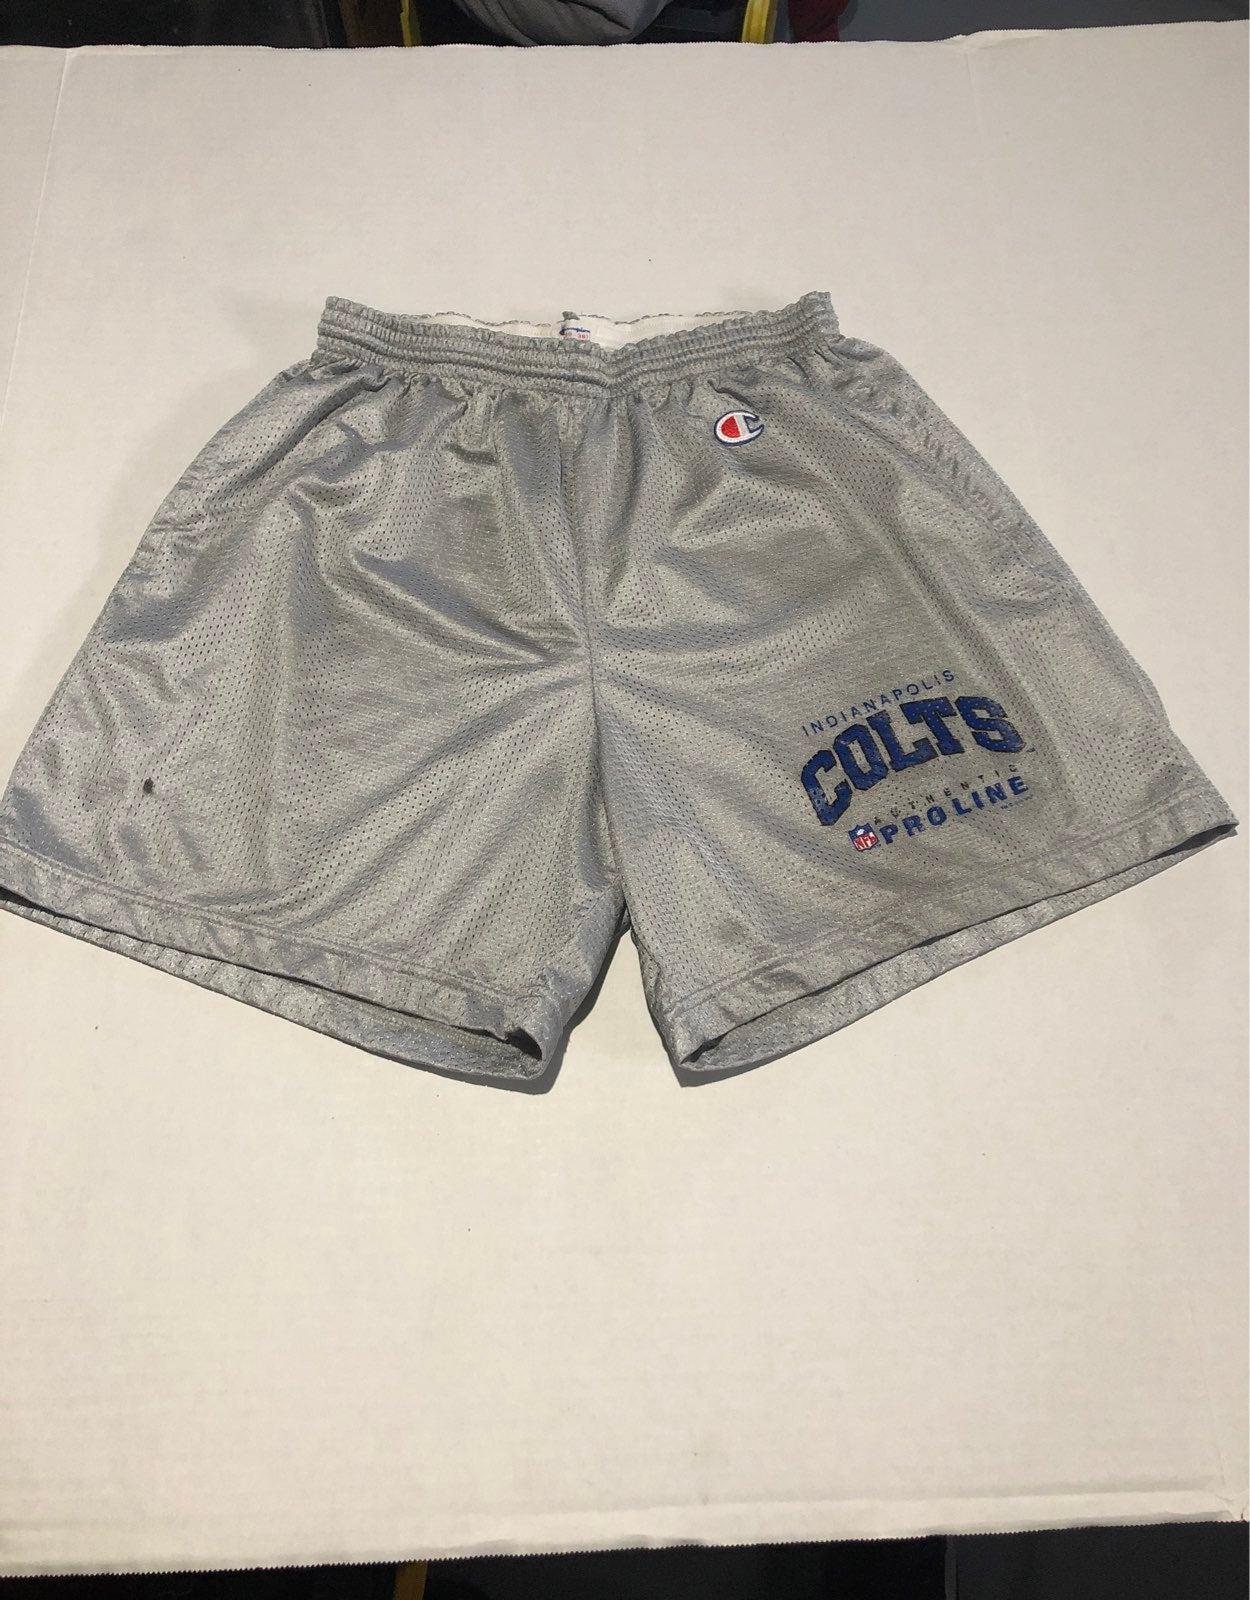 Indianapolis Colts Shorts